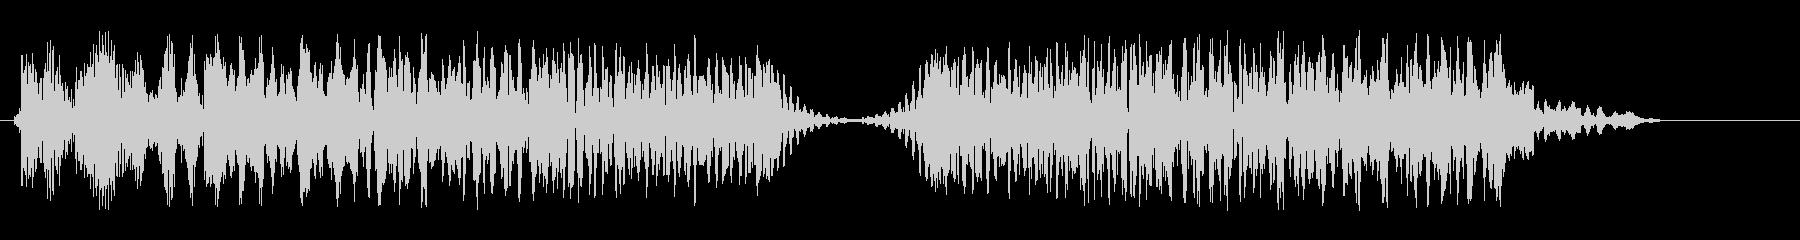 アップダウン(コミカル)の未再生の波形